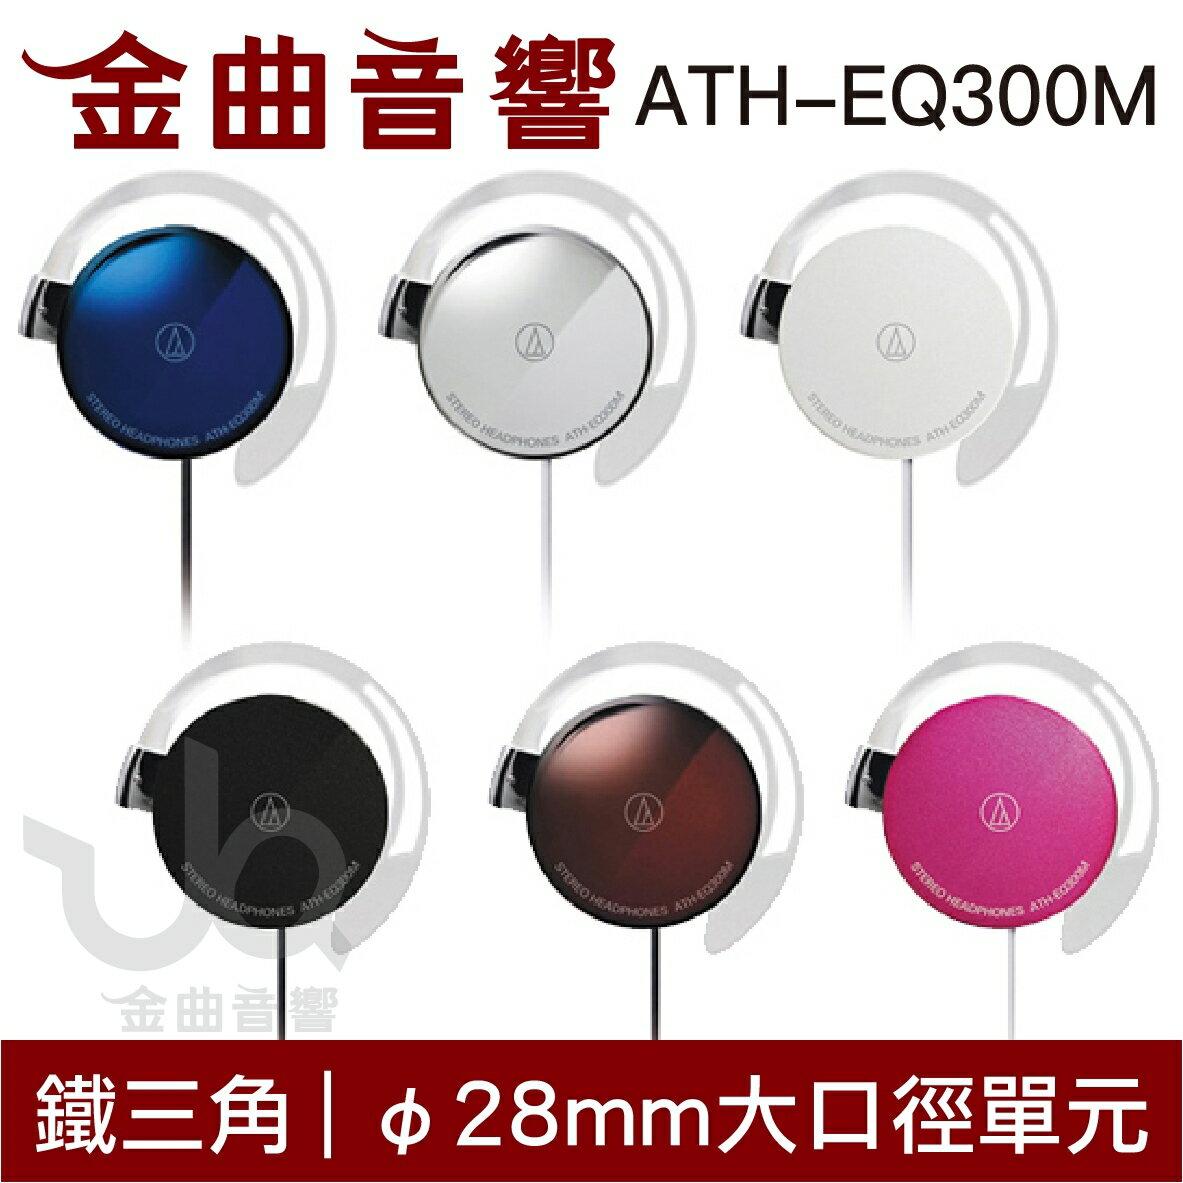 鐵三角 ATH-EQ300M 輕薄美型耳掛式耳機 銀色| 金曲音響